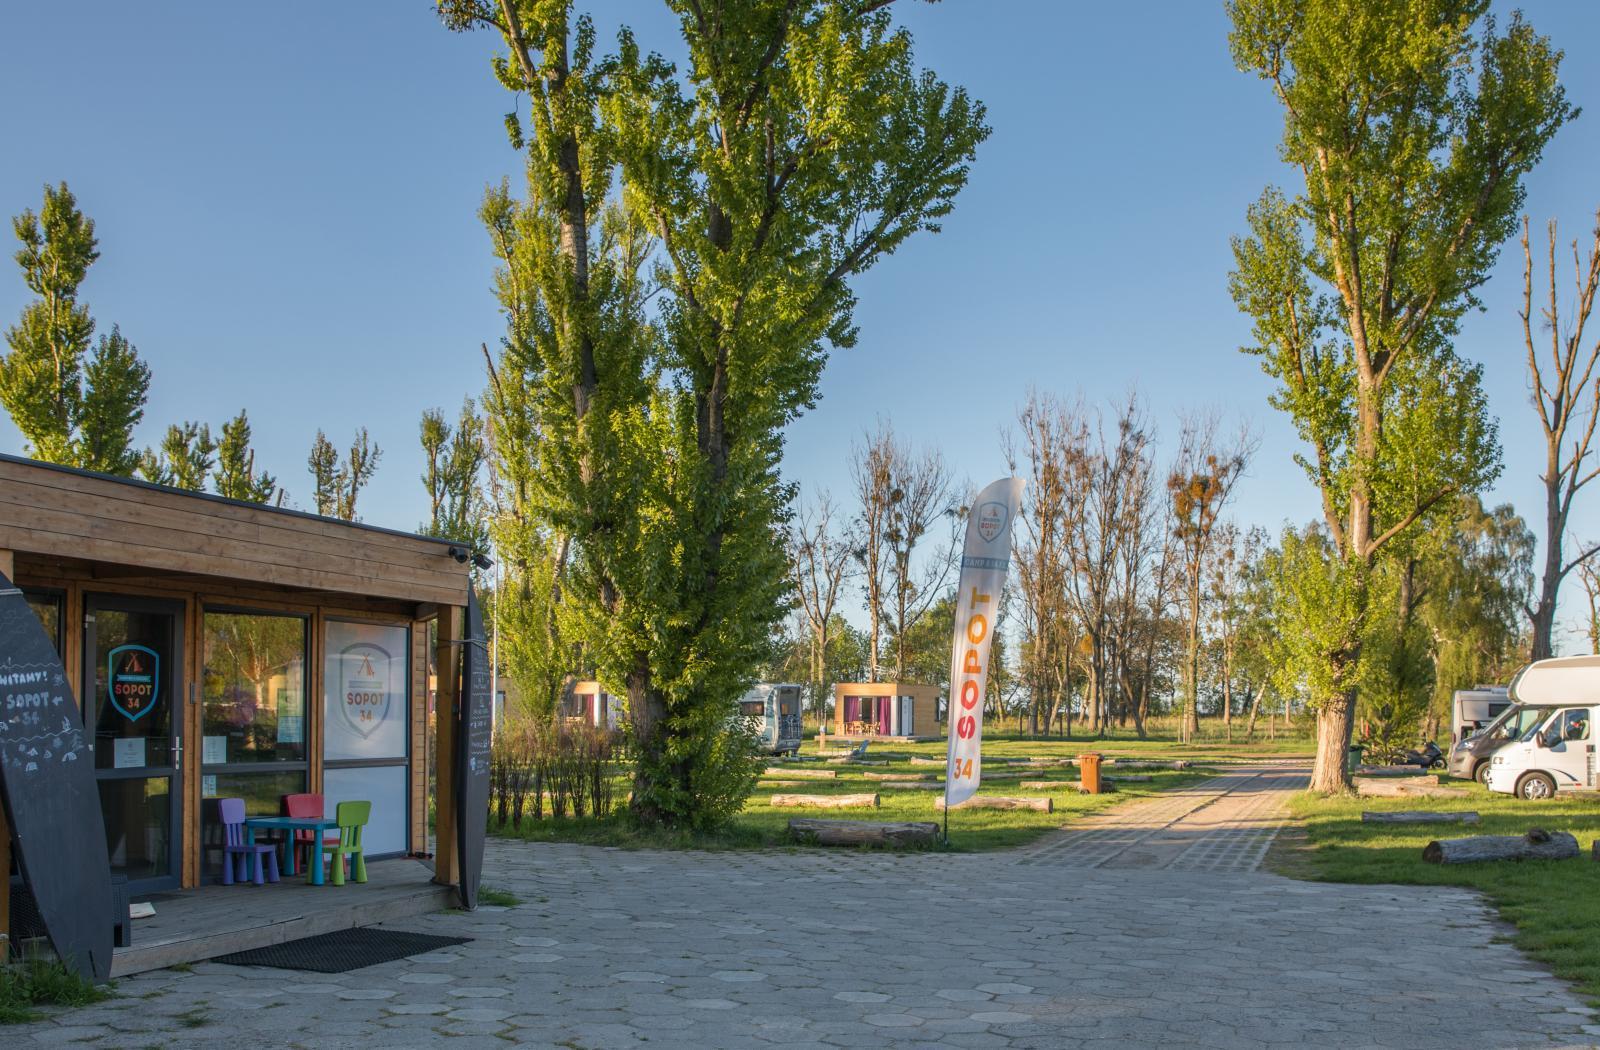 Sopot 34 Camp & Sail erbjuder inte bara campingplatser utan även seglarskola.